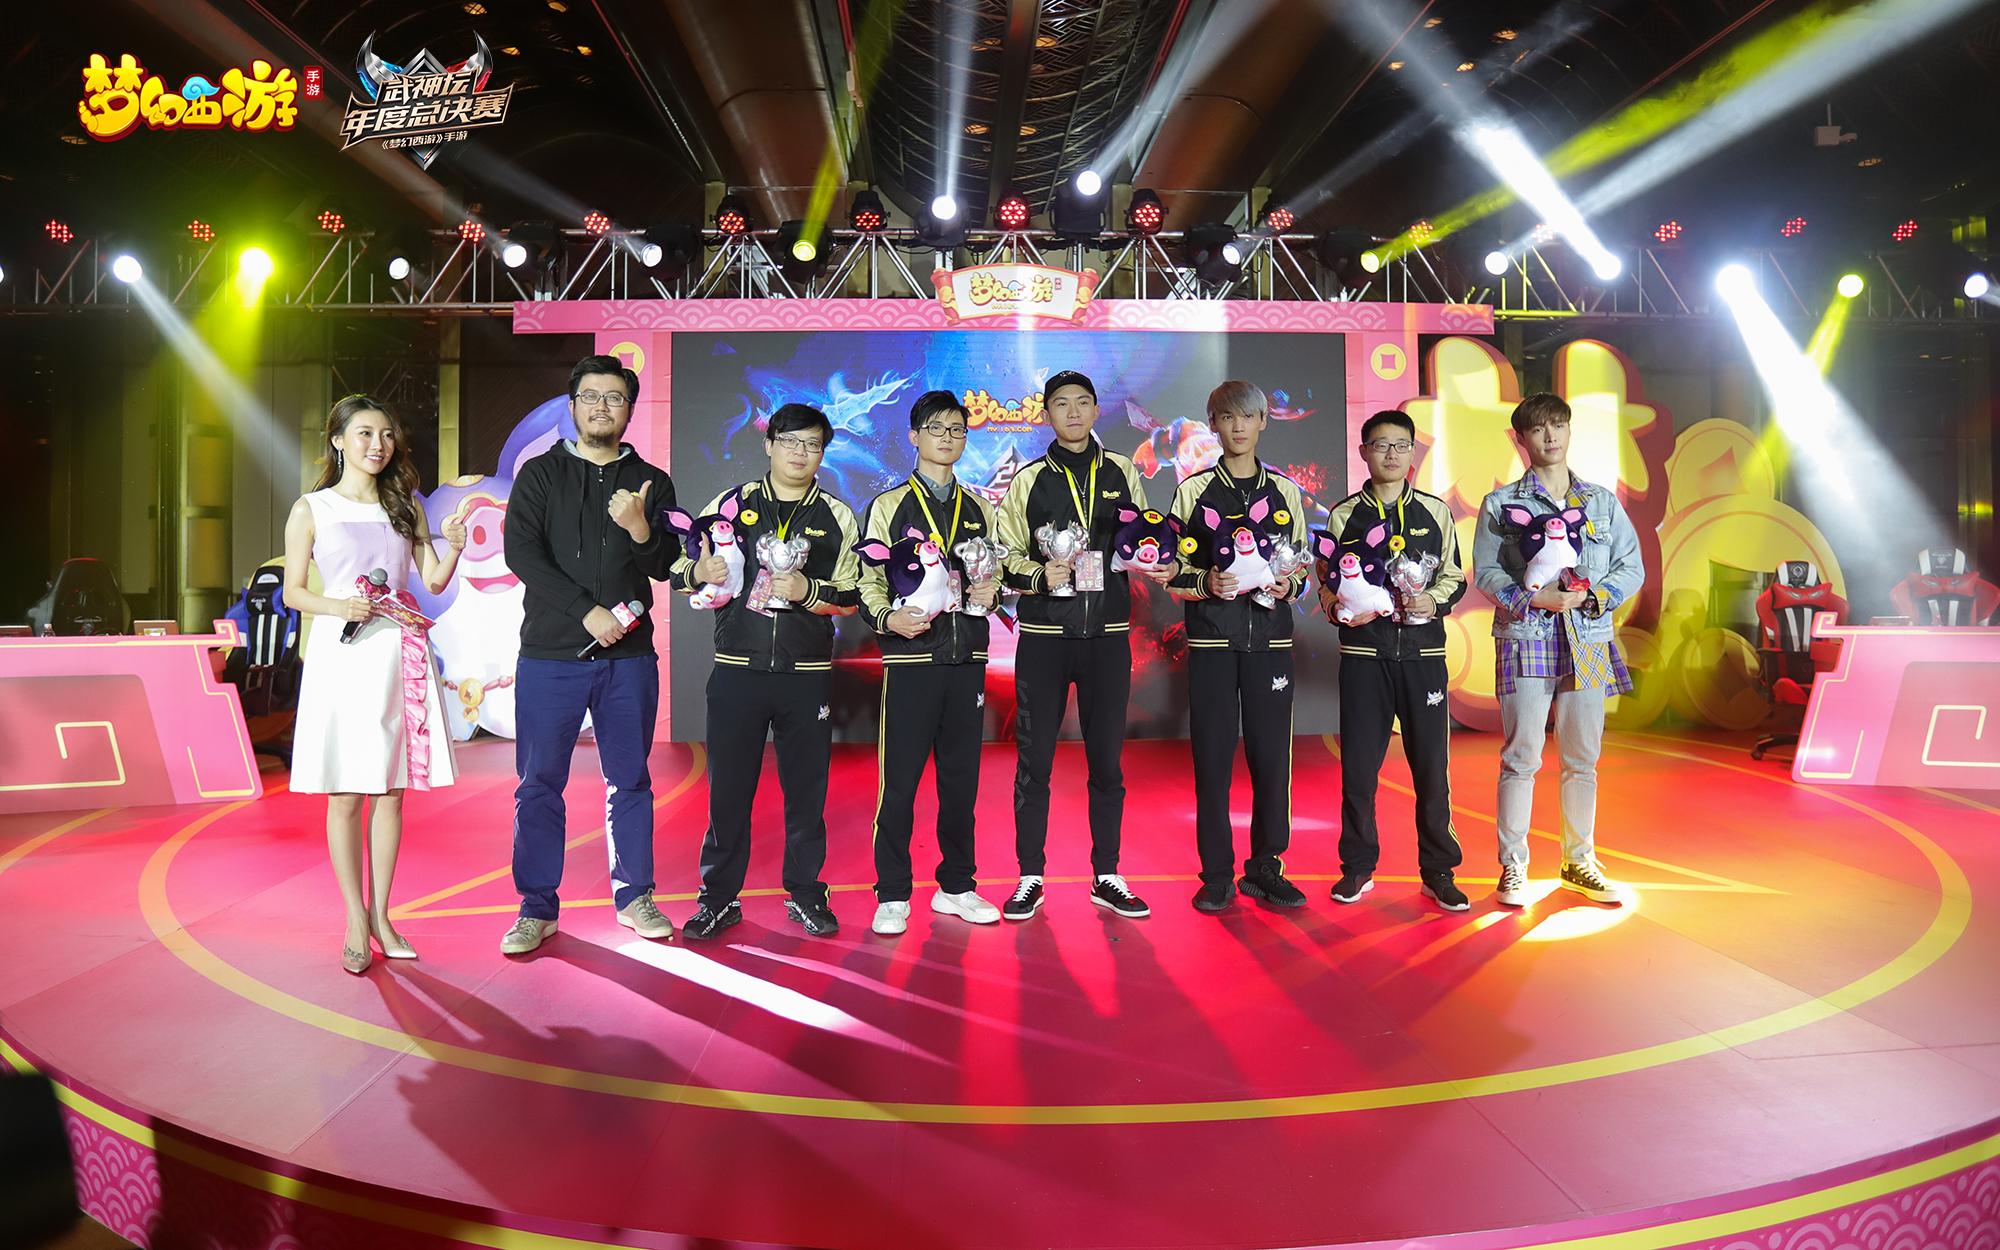 《梦幻西游》手游武神坛年度总决赛圆满结束,张艺兴献解说首秀